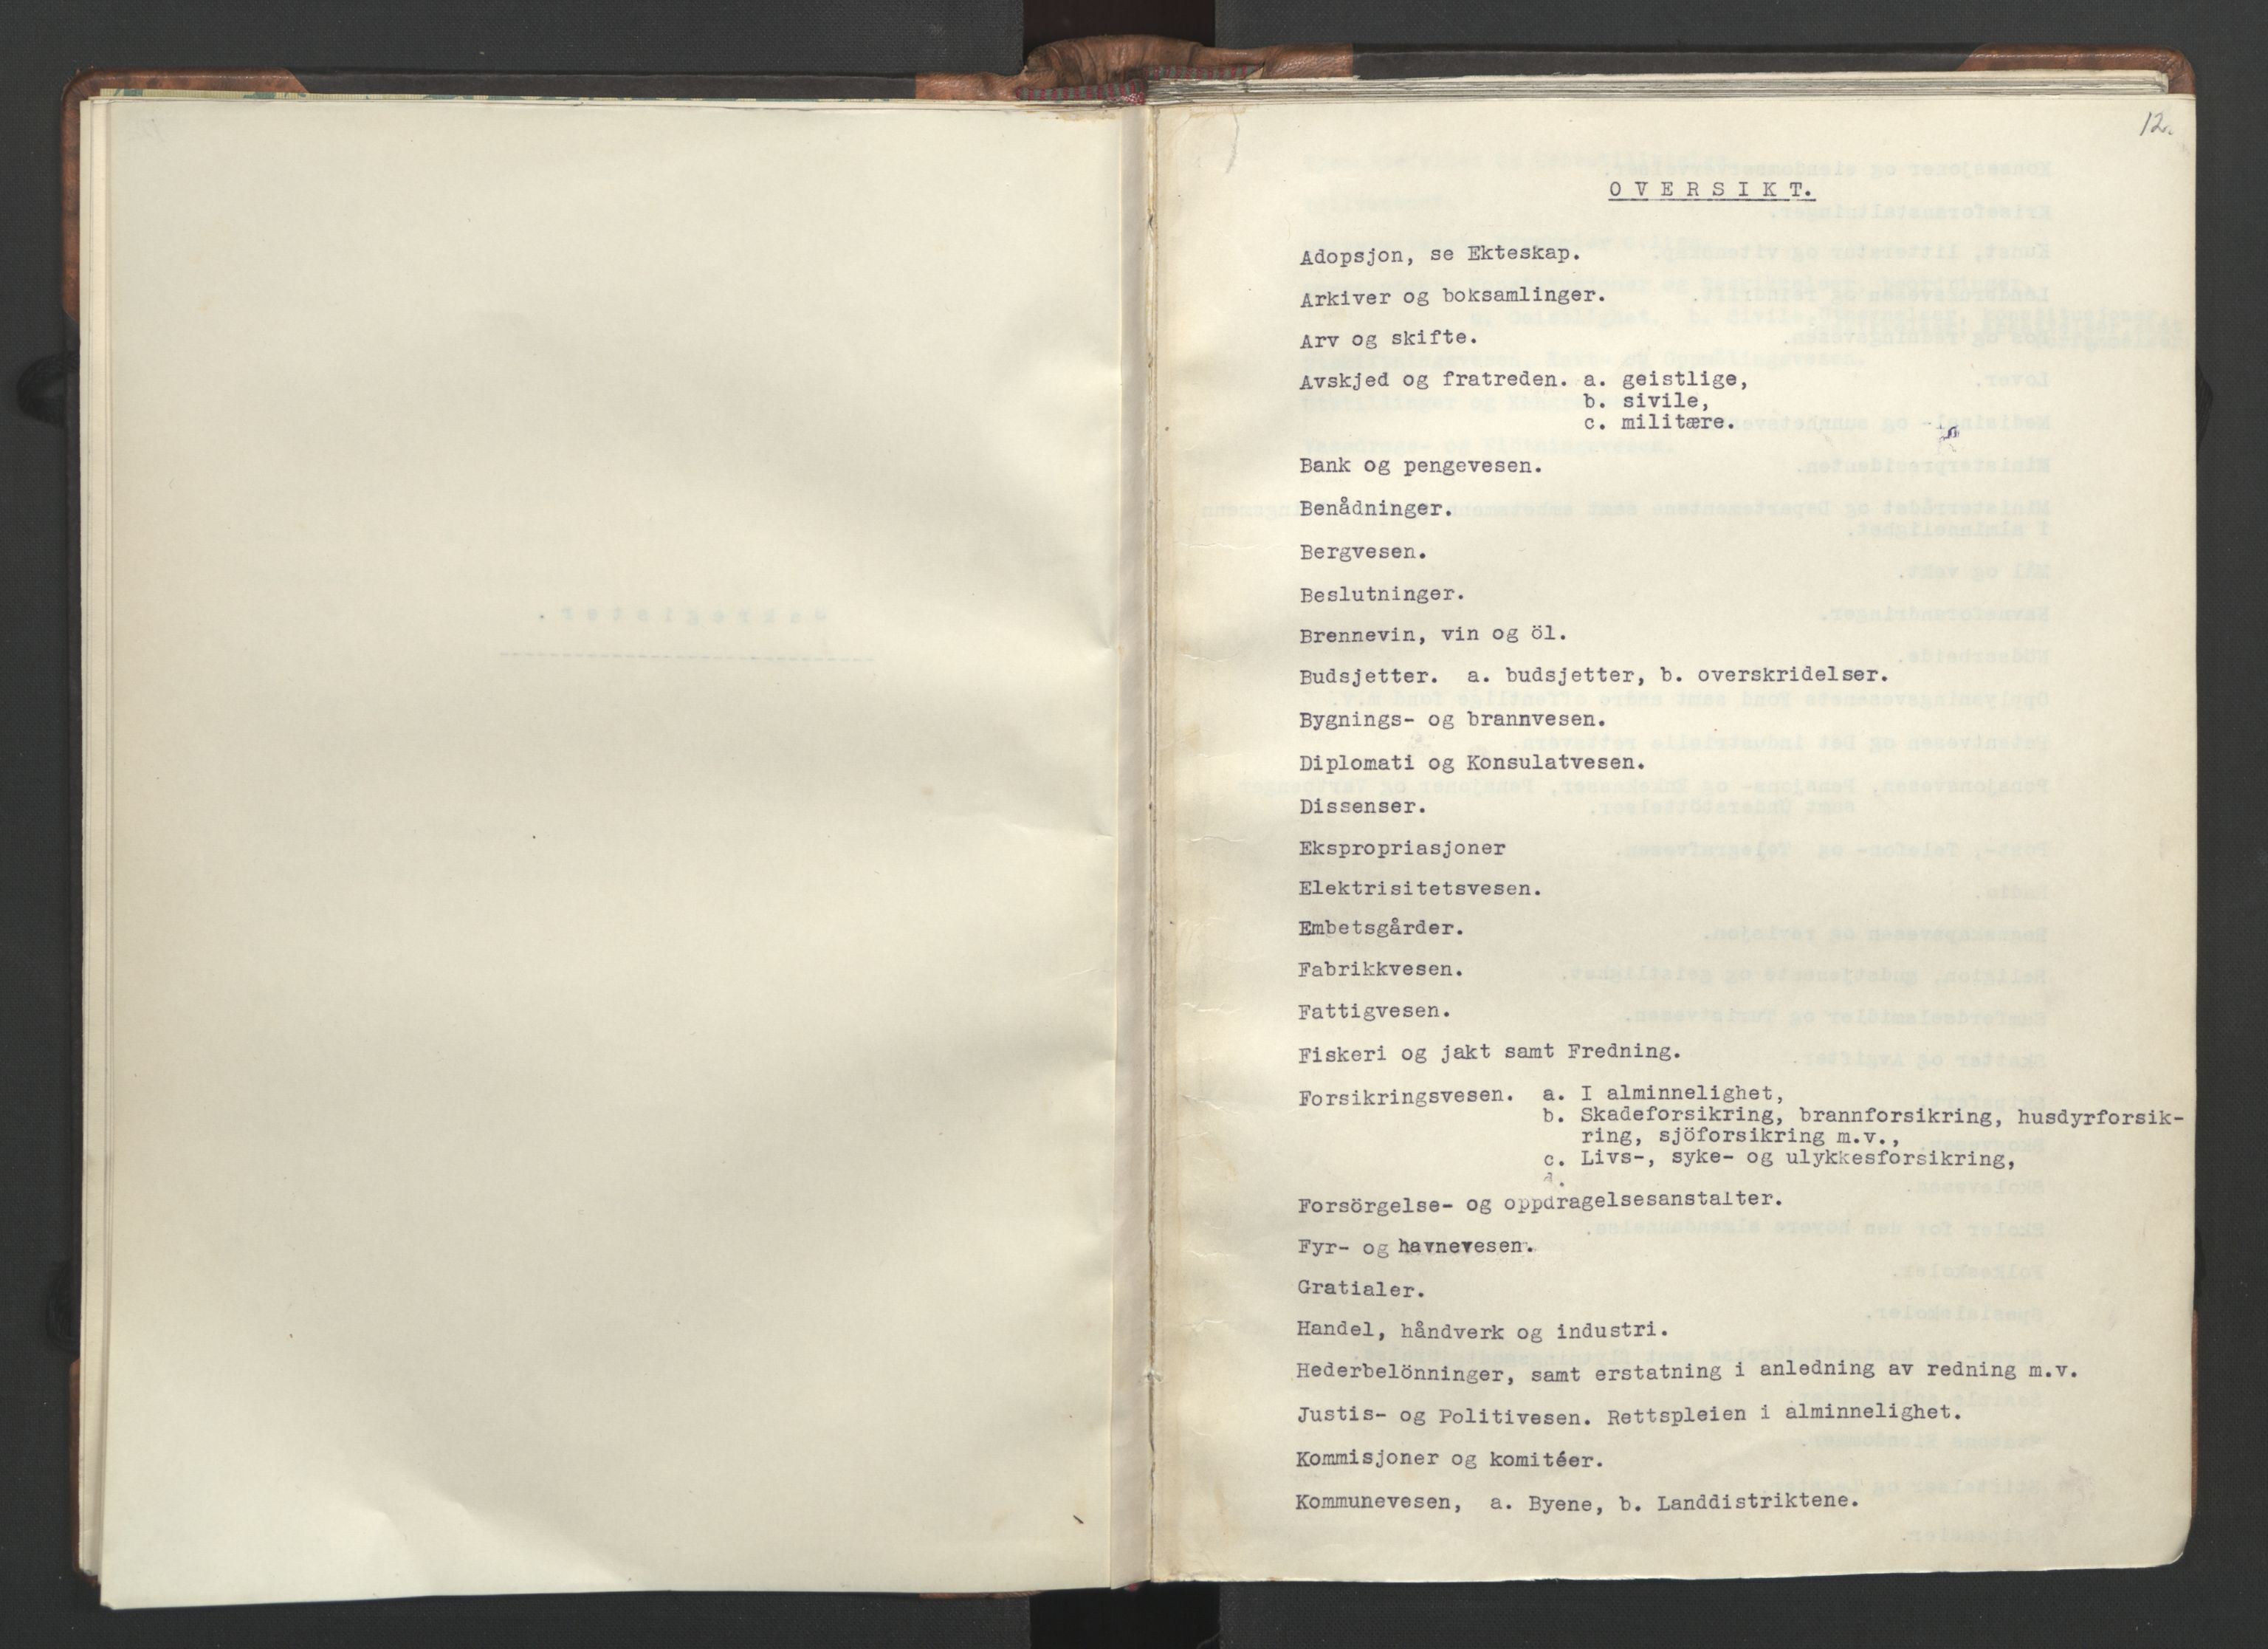 RA, NS-administrasjonen 1940-1945 (Statsrådsekretariatet, de kommisariske statsråder mm), D/Da/L0002: Register (RA j.nr. 985/1943, tilgangsnr. 17/1943), 1942, s. 11b-12a